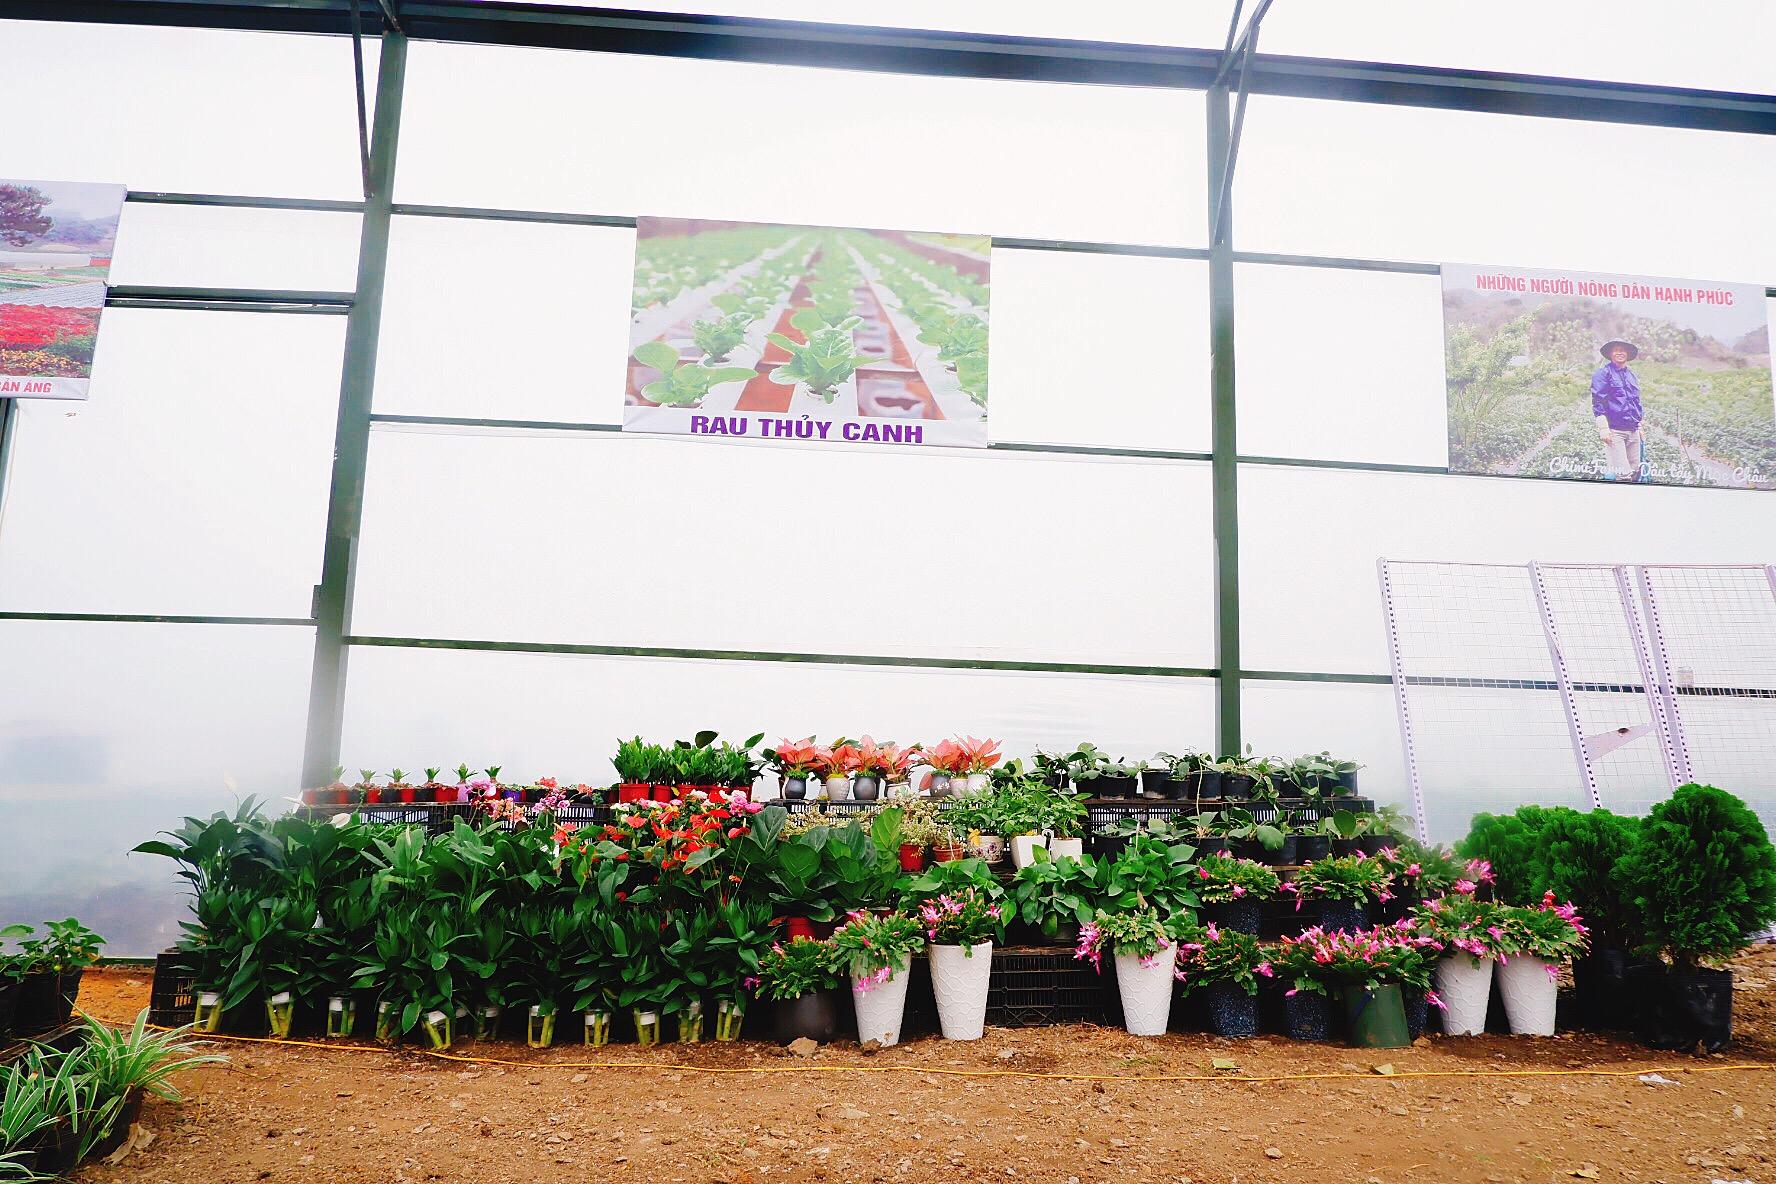 Khu vực bán hoa cảnh của cơ sở 2